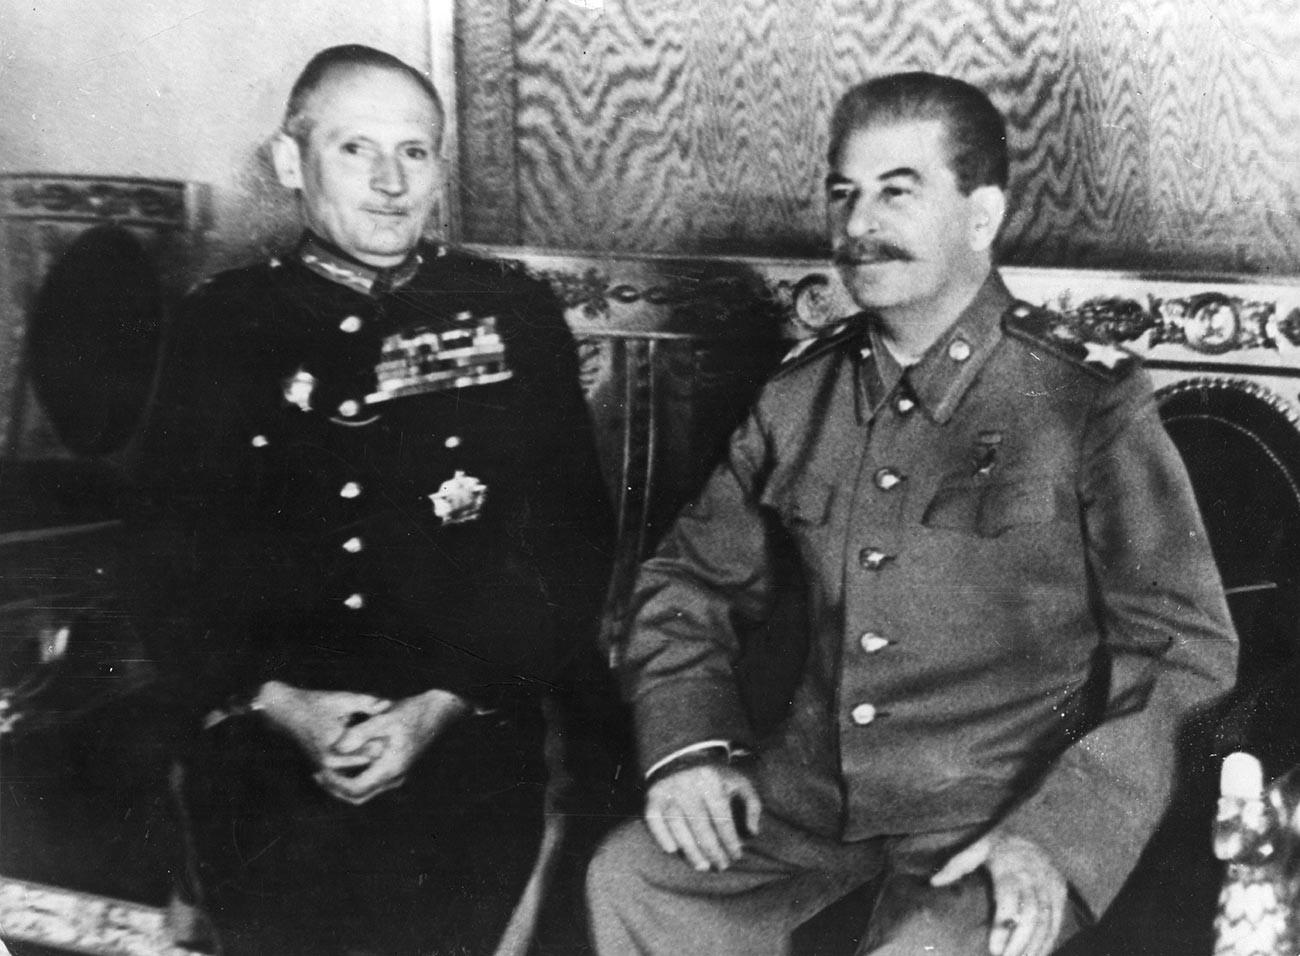 Енглески фелдмаршал Бернард Монтгомери, први виконт Монтгомери од Ел Аламејна (лево) и совјетски лидер Јосиф Стаљин.